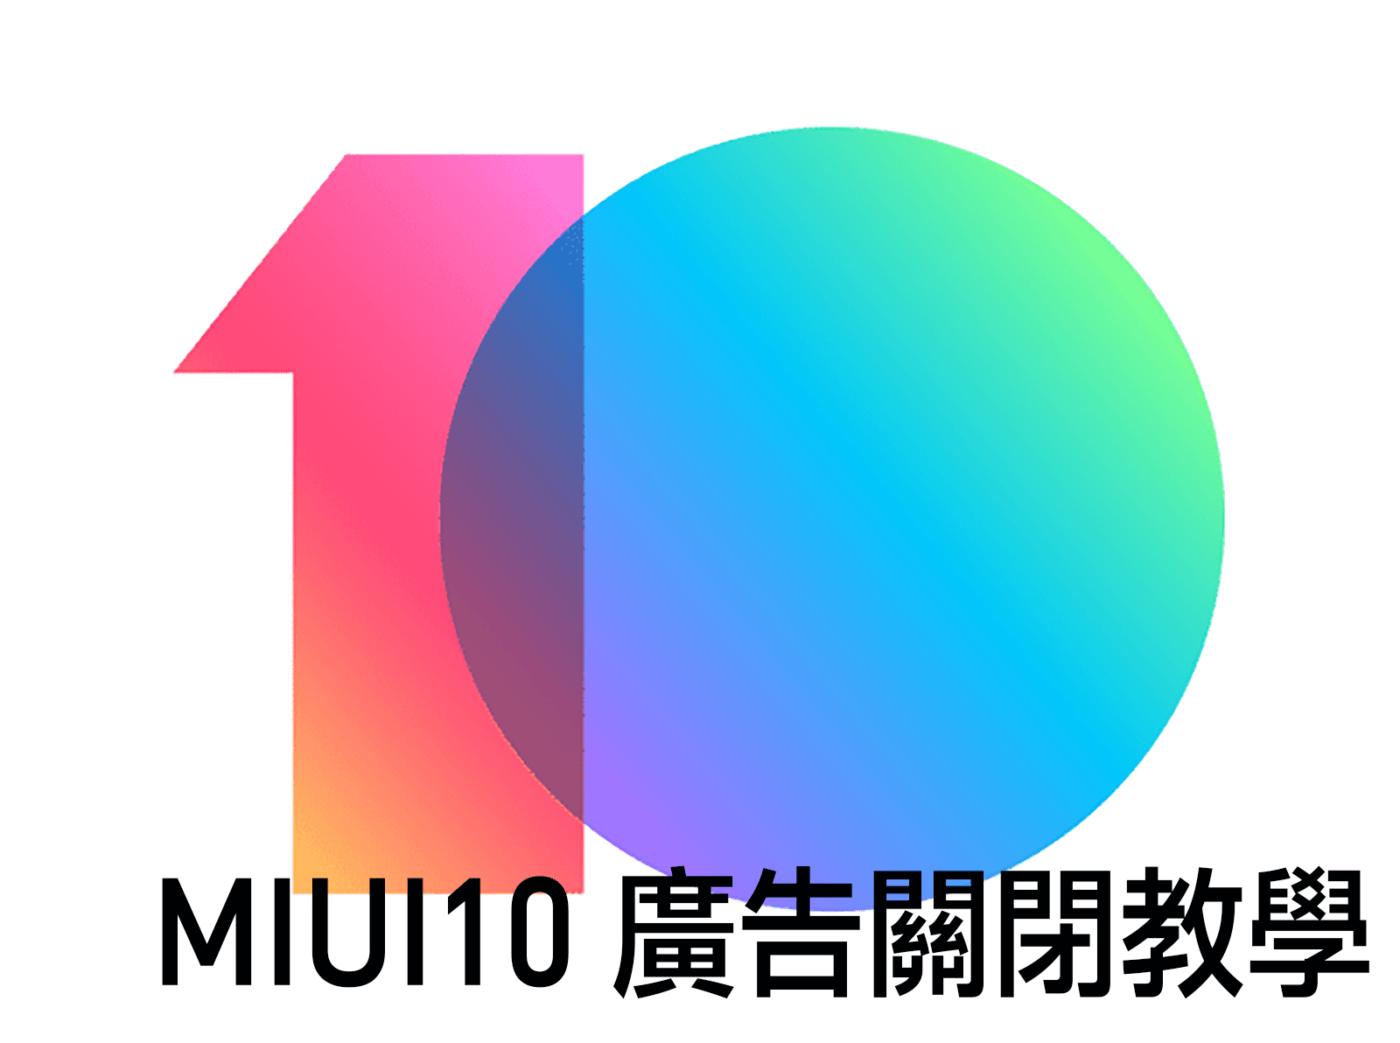 是小米不想讓你知道的 – 關閉 MIUI 10 廣告顯示的教學這篇文章的首圖